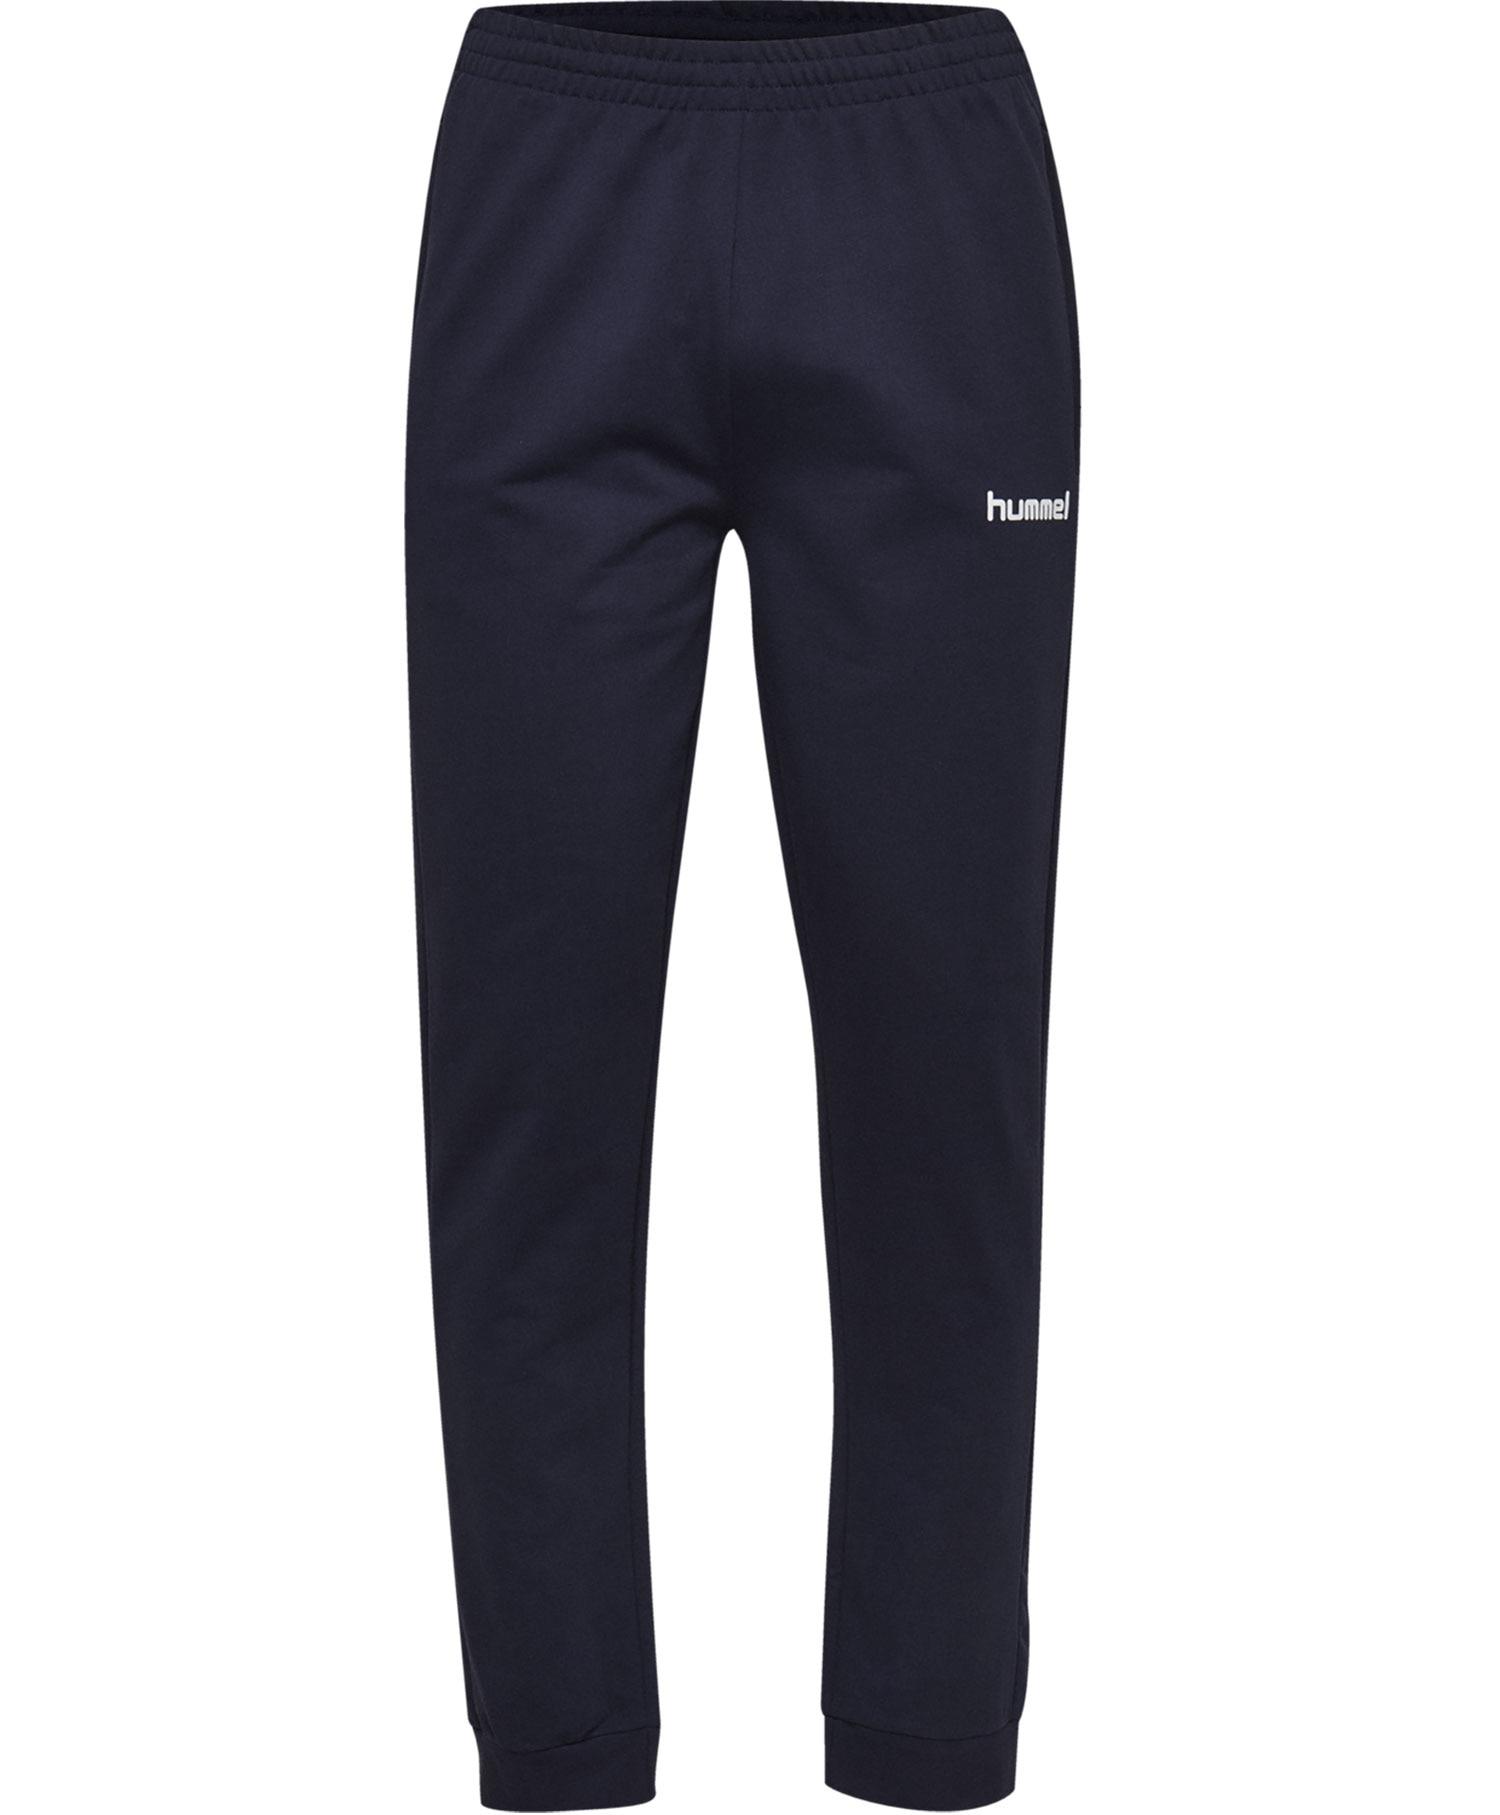 Hummel cotton pant